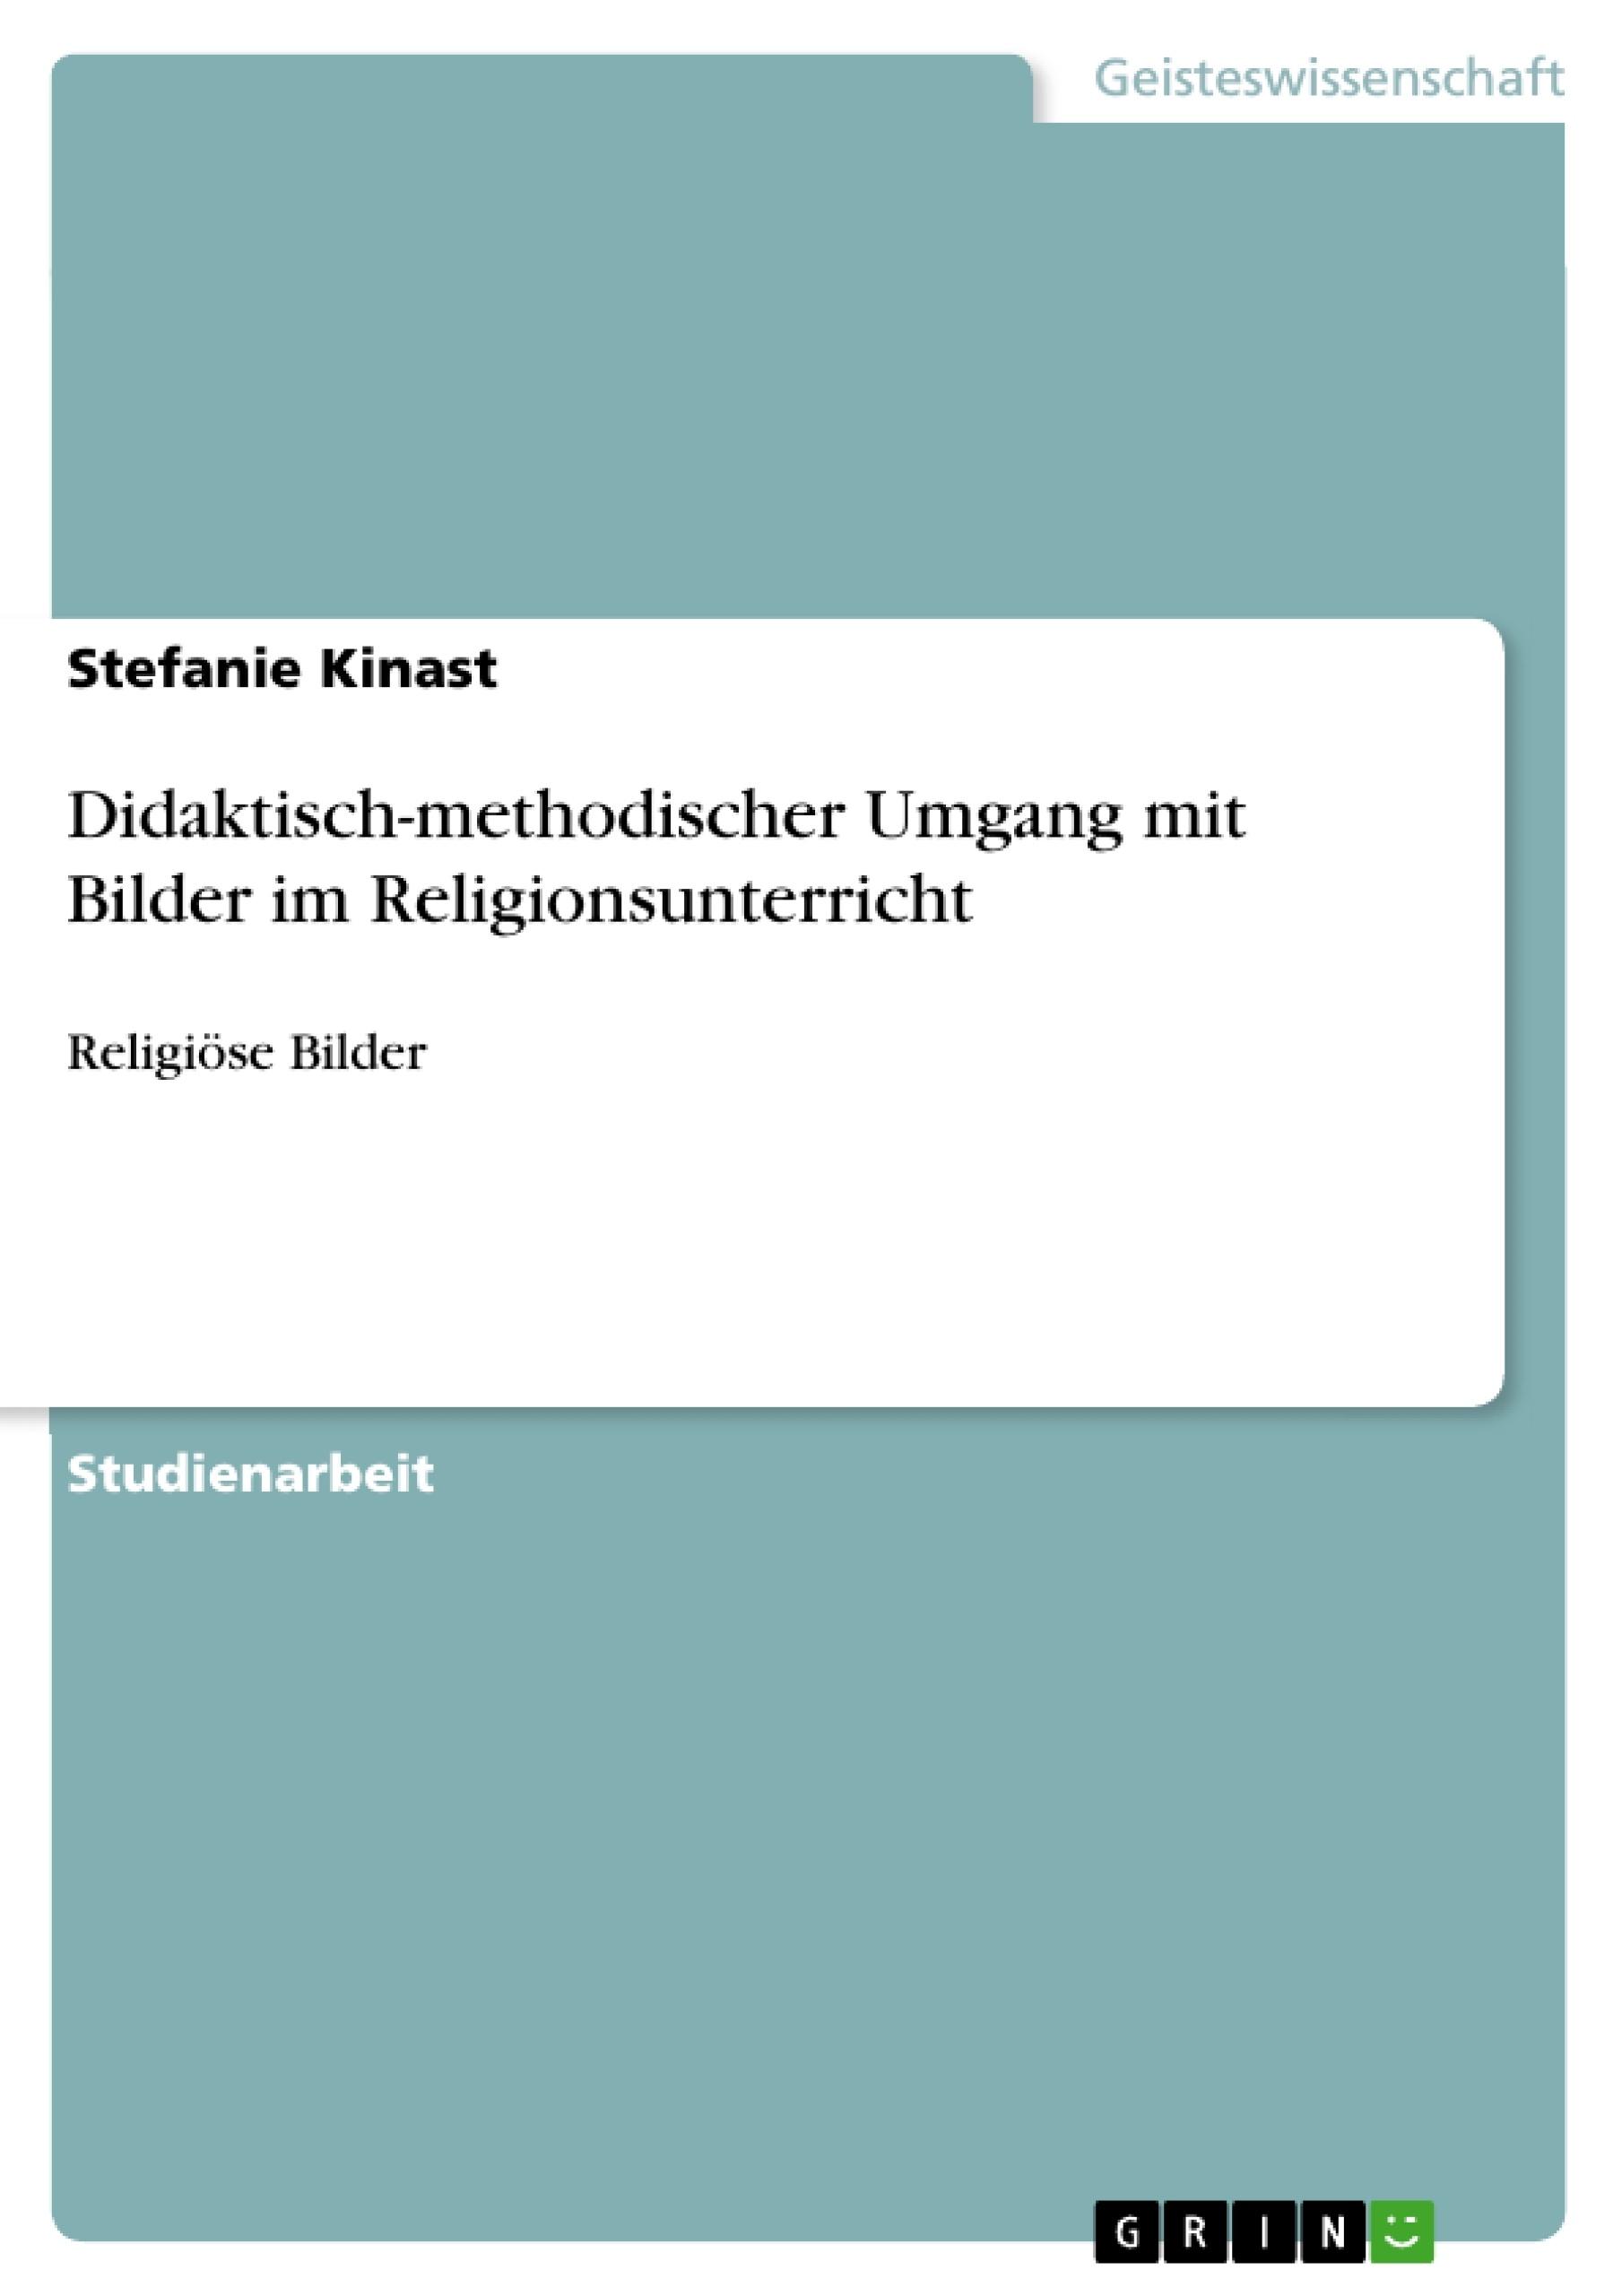 Titel: Didaktisch-methodischer Umgang mit Bilder im Religionsunterricht